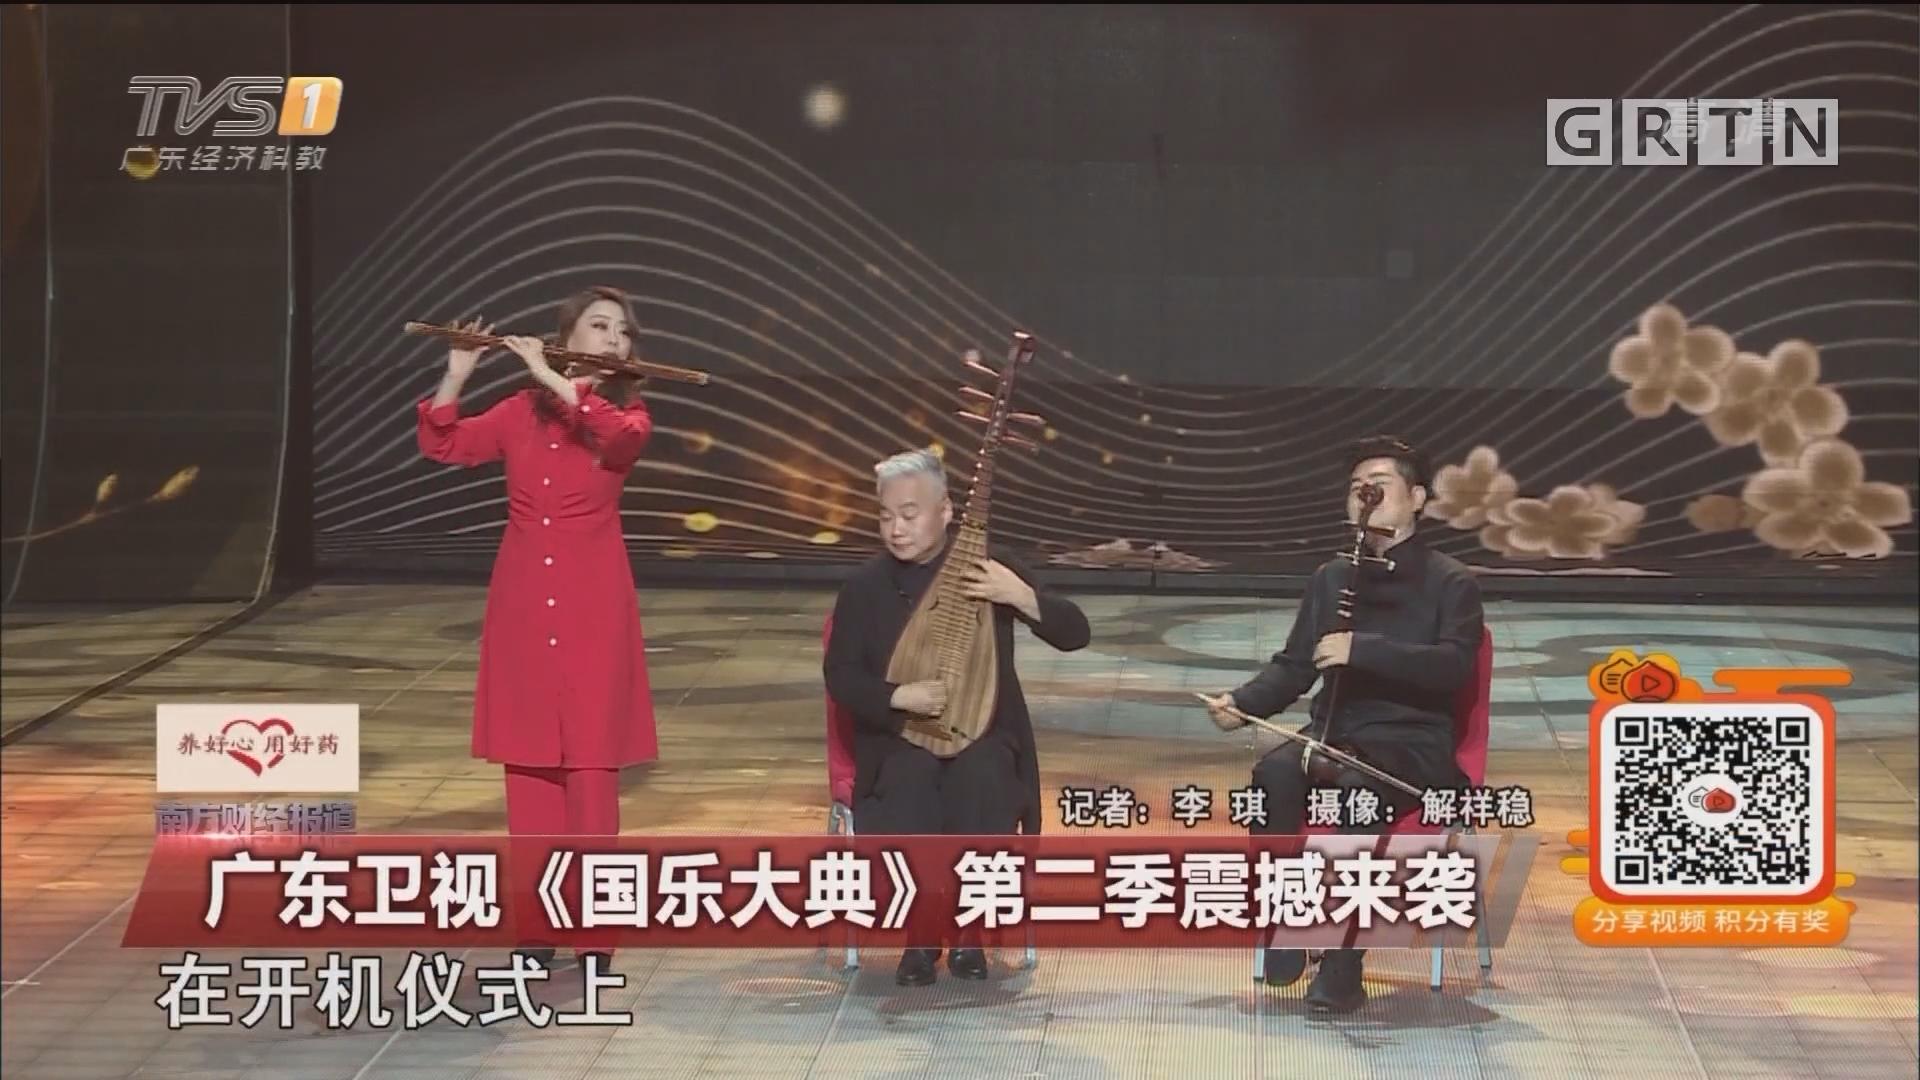 广东卫视《国乐大典》第二季震撼来袭